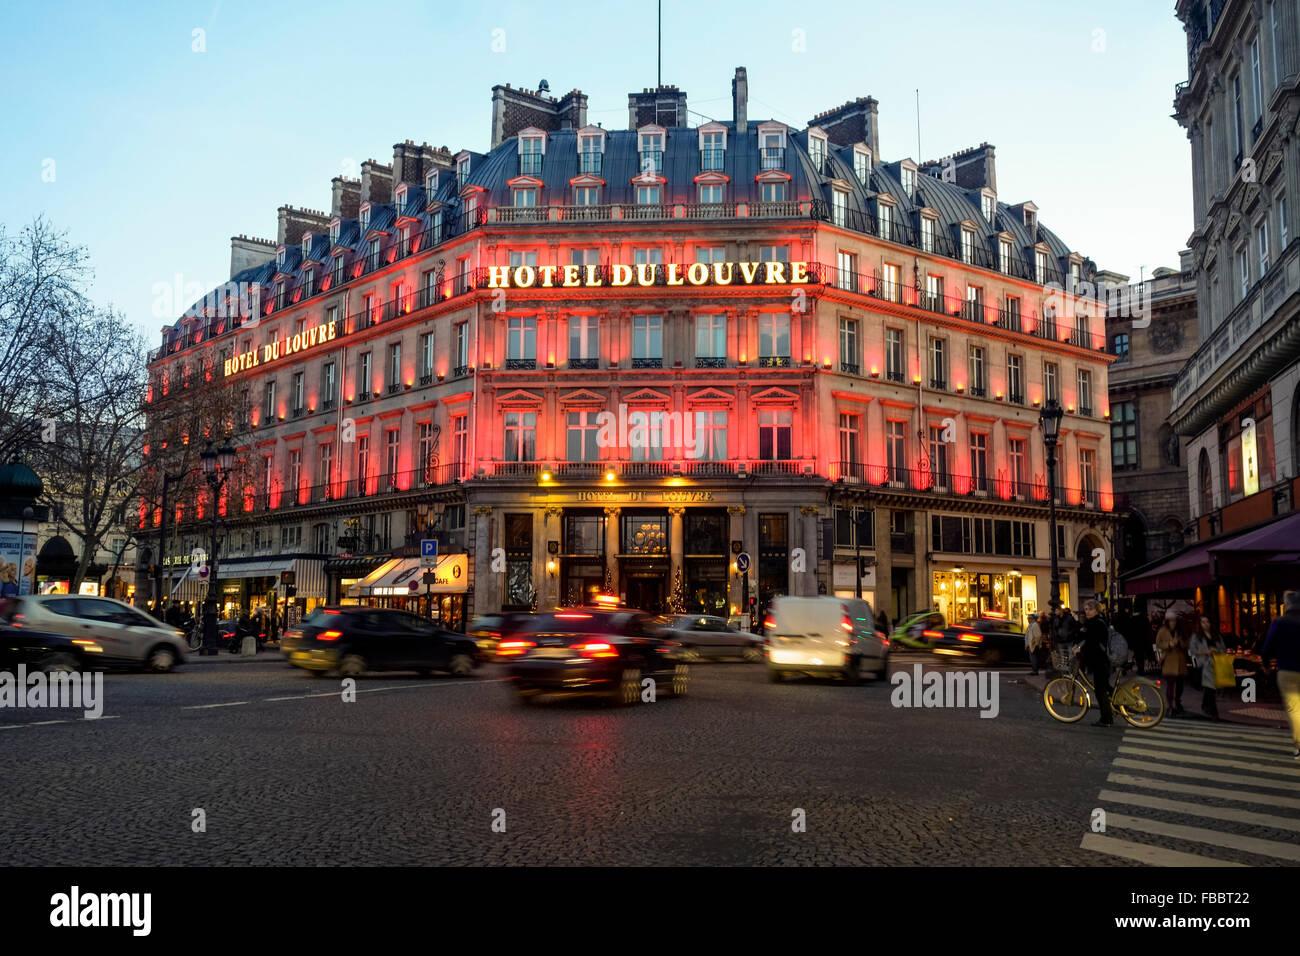 Grand Hotel du louvre at Place du Palais-Royal, in Paris at sunset. Ile-de-France, Paris, France. - Stock Image